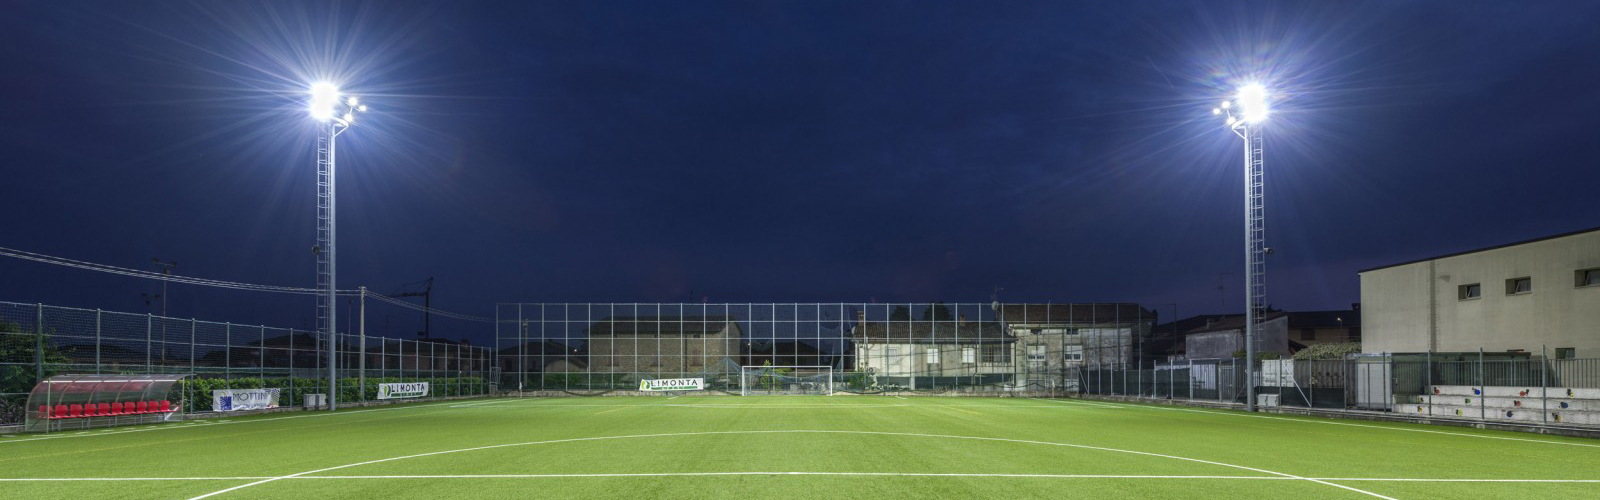 sportveldverlichting Smart Pro Gewiss